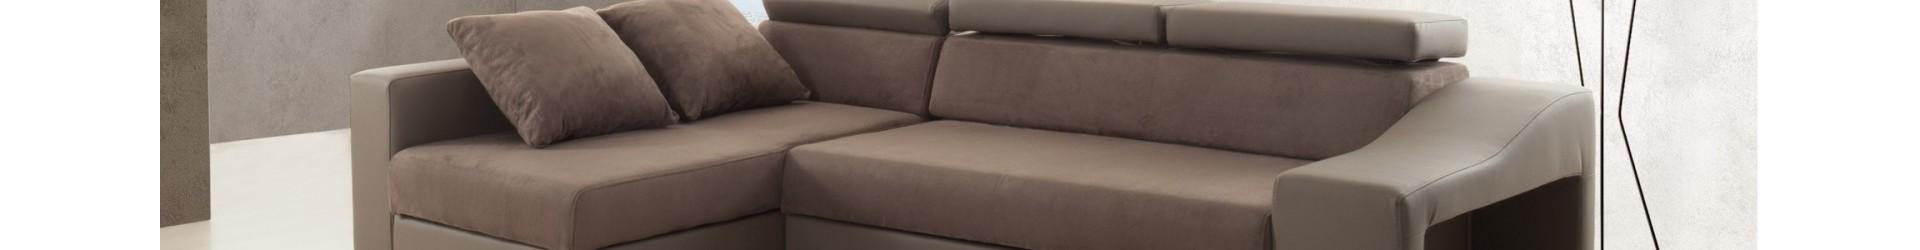 Divani Angolari: i prezzi migliori non solo da Ikea. Offerte